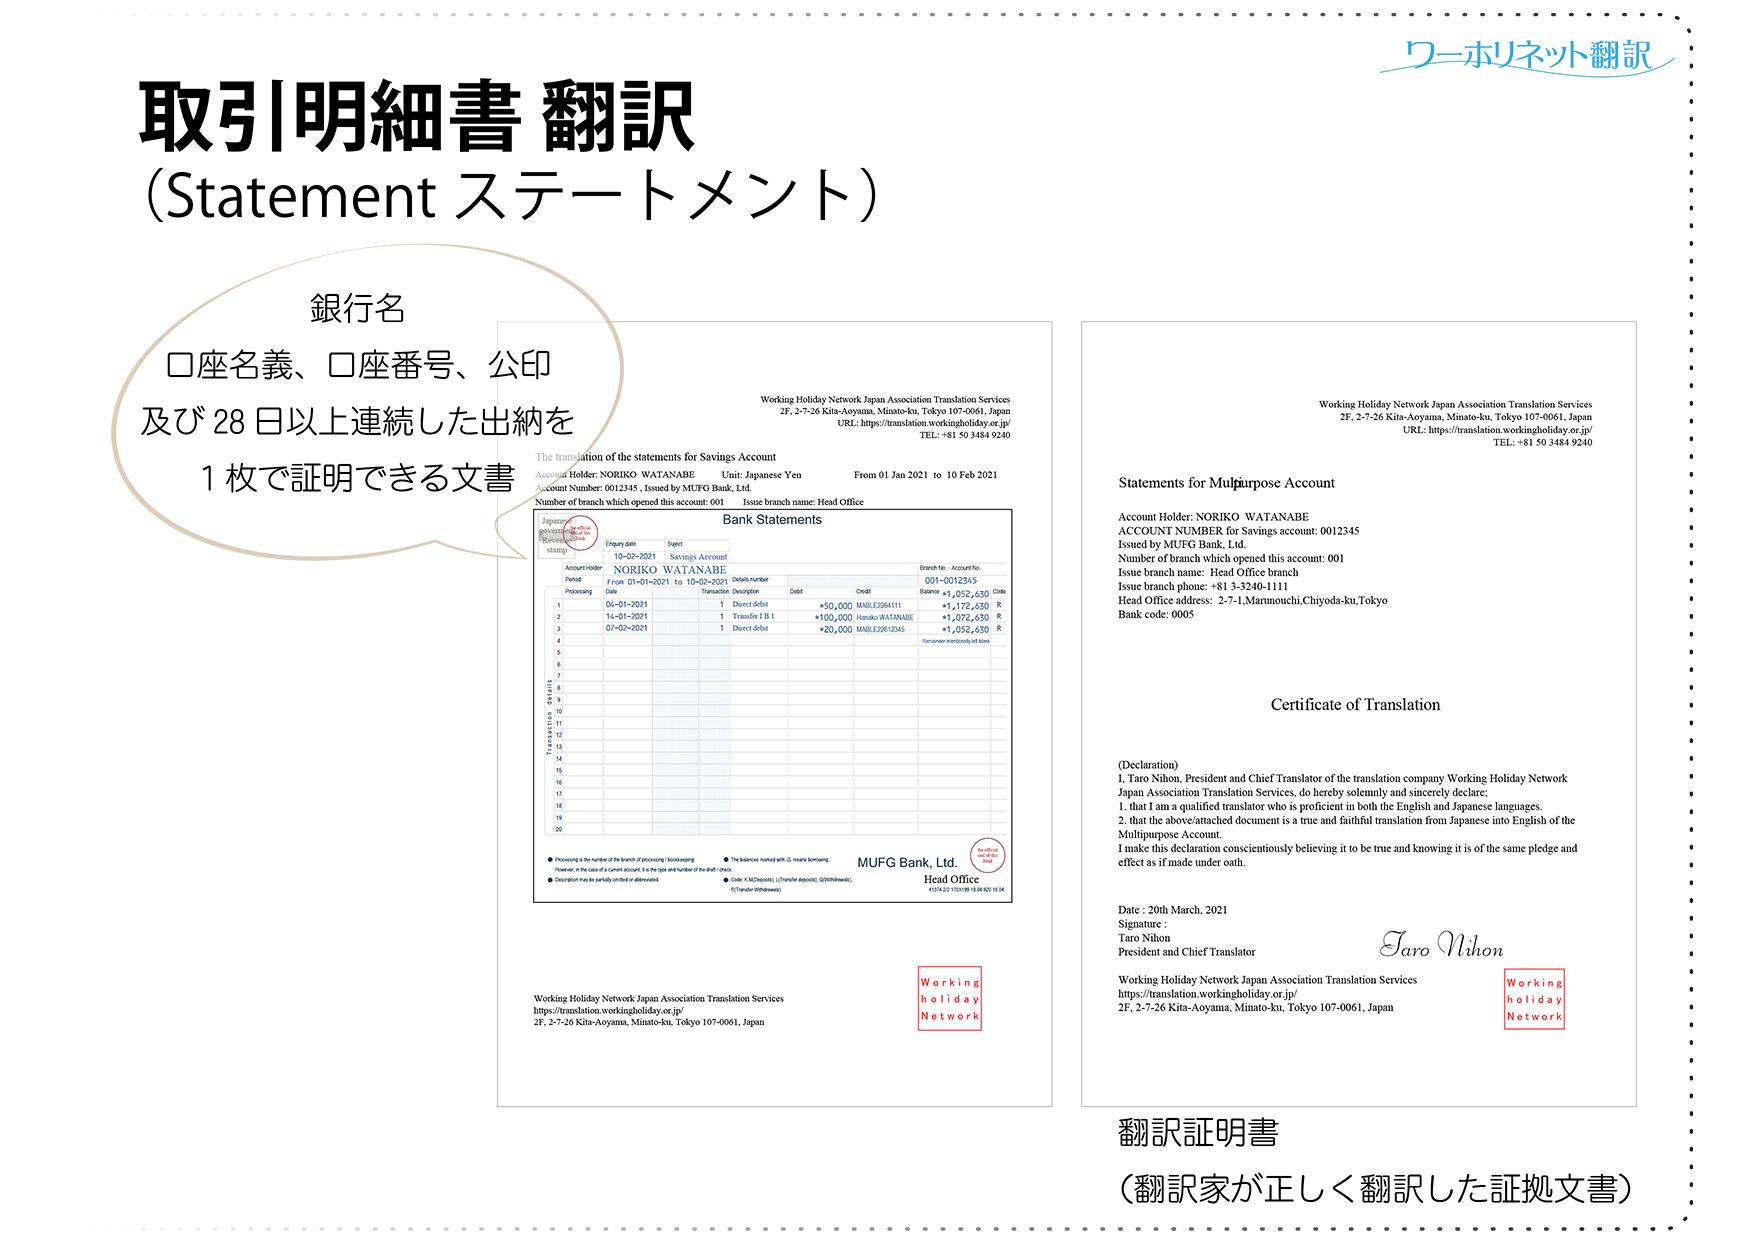 英語 明細 書